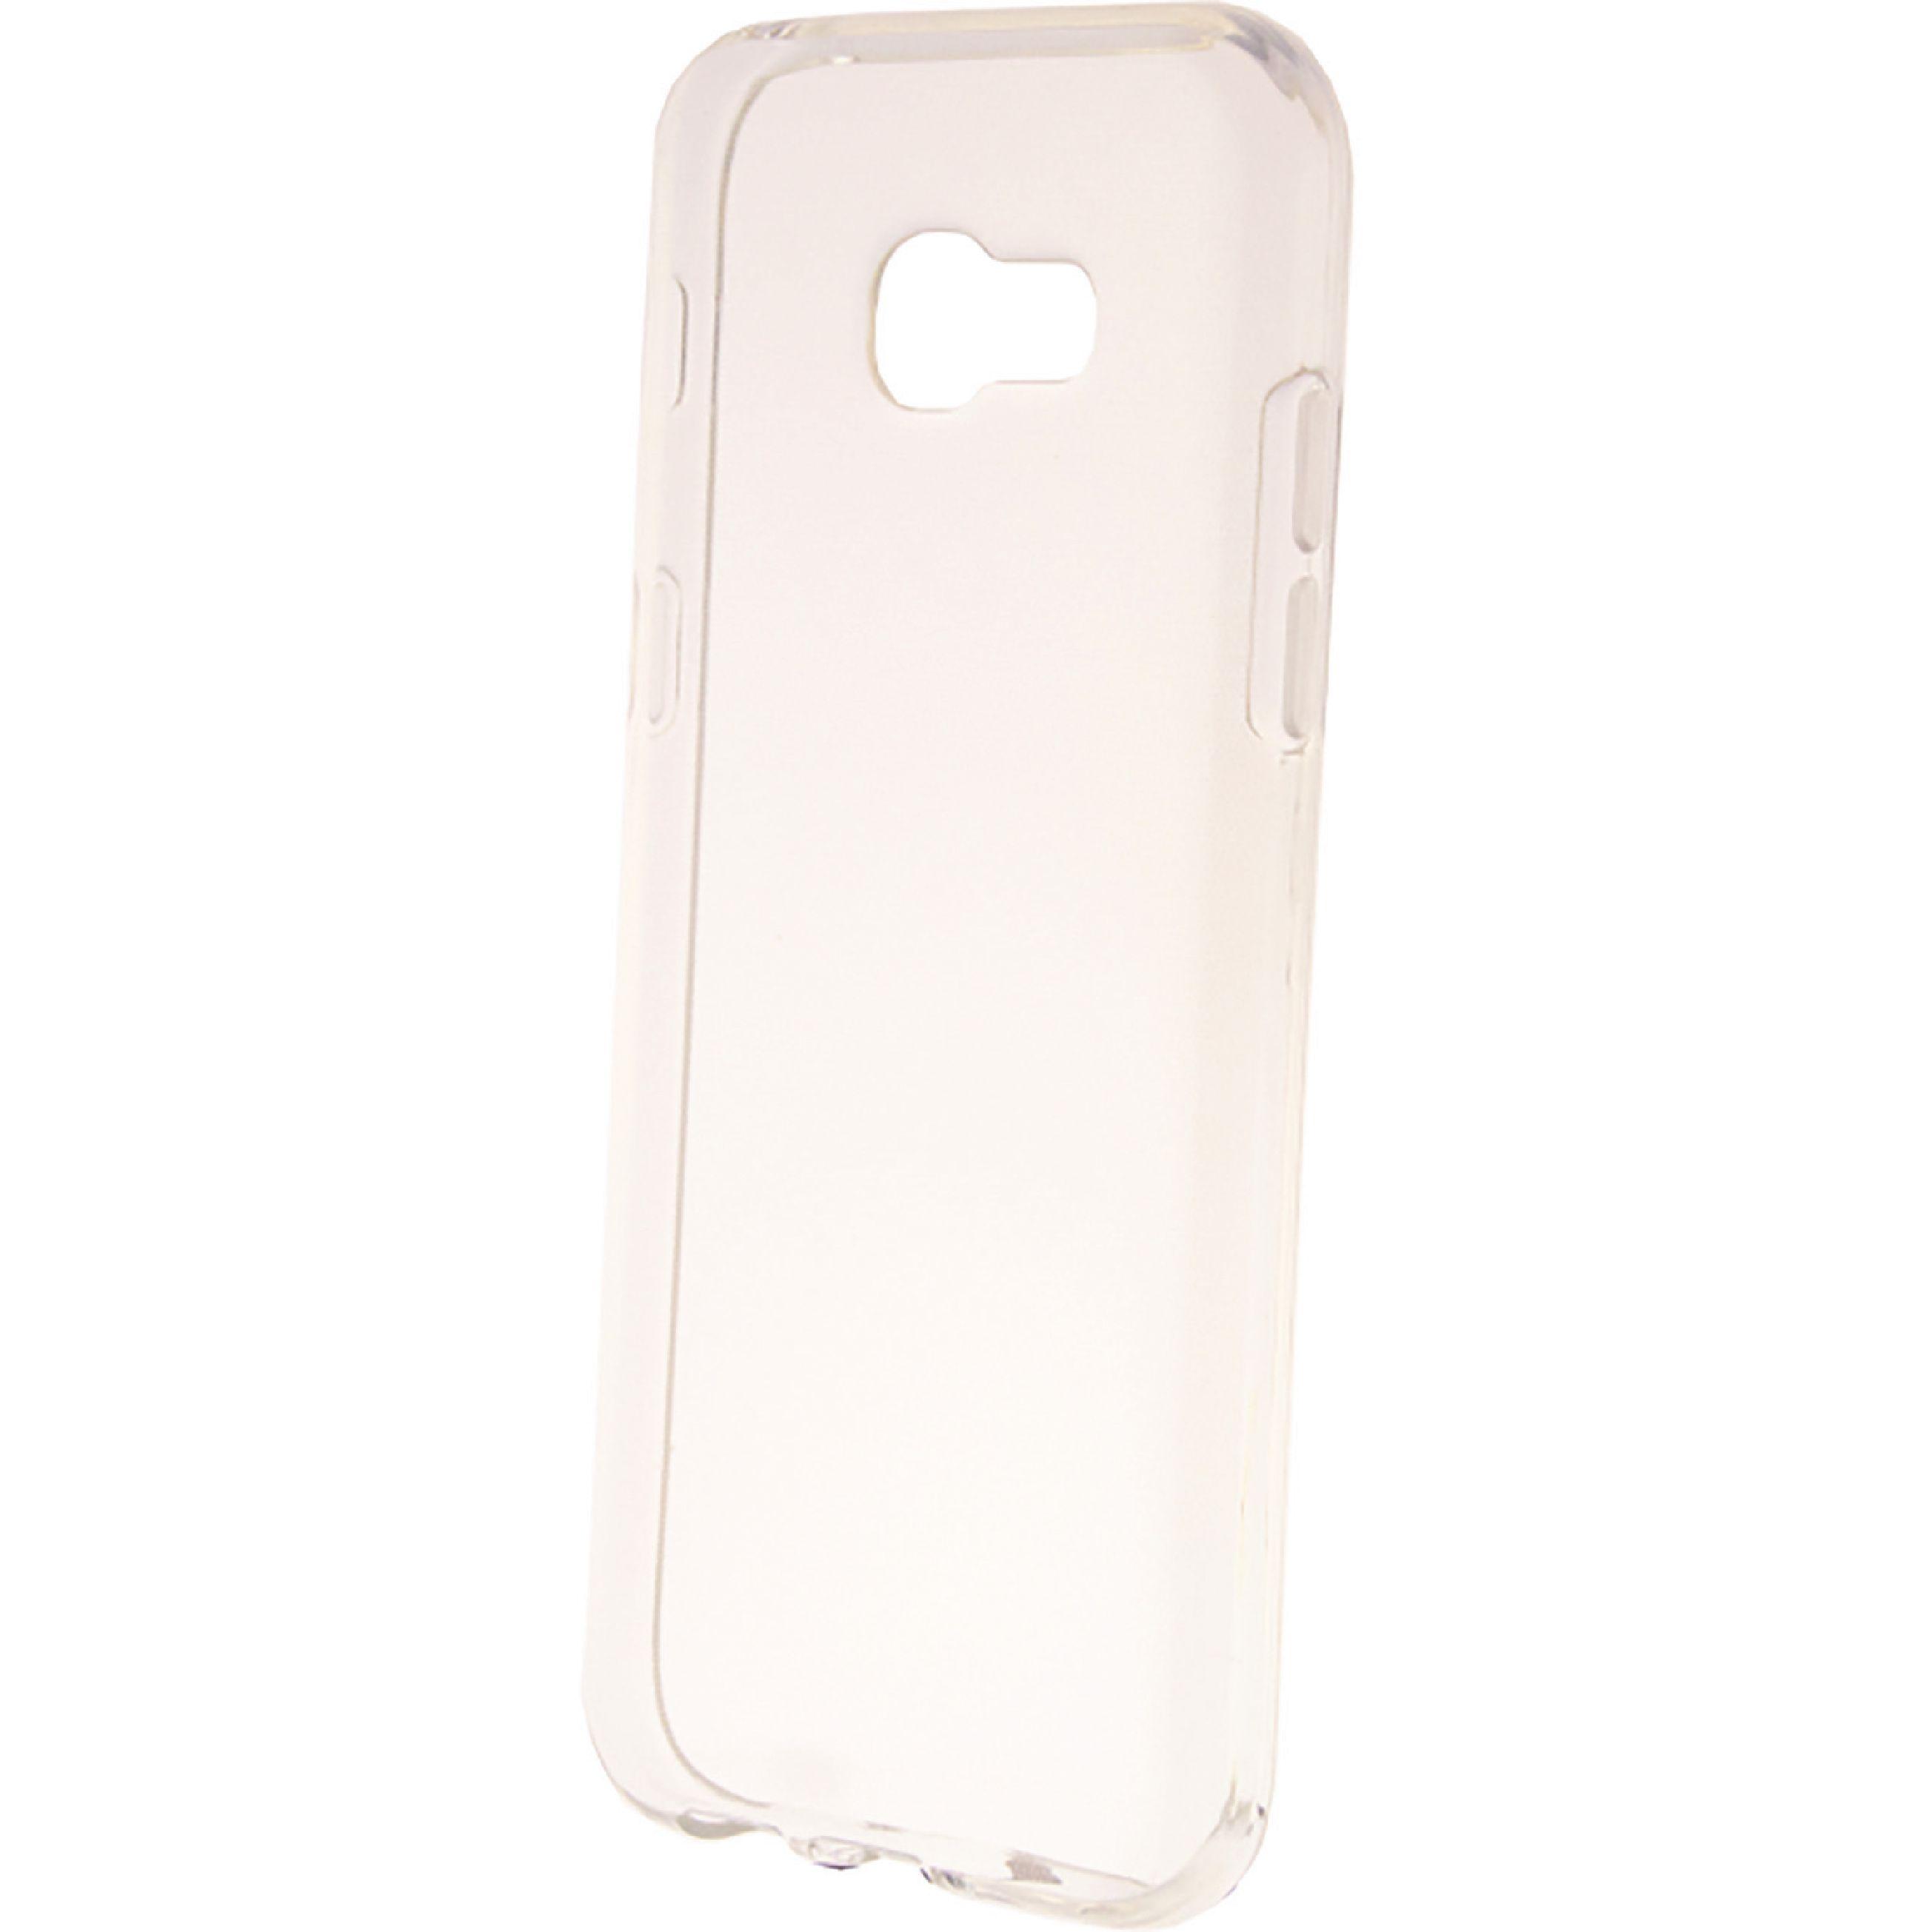 Image of   Telefon Gel-Etui Samsung Galaxy A3 2016 Gennemsigtig